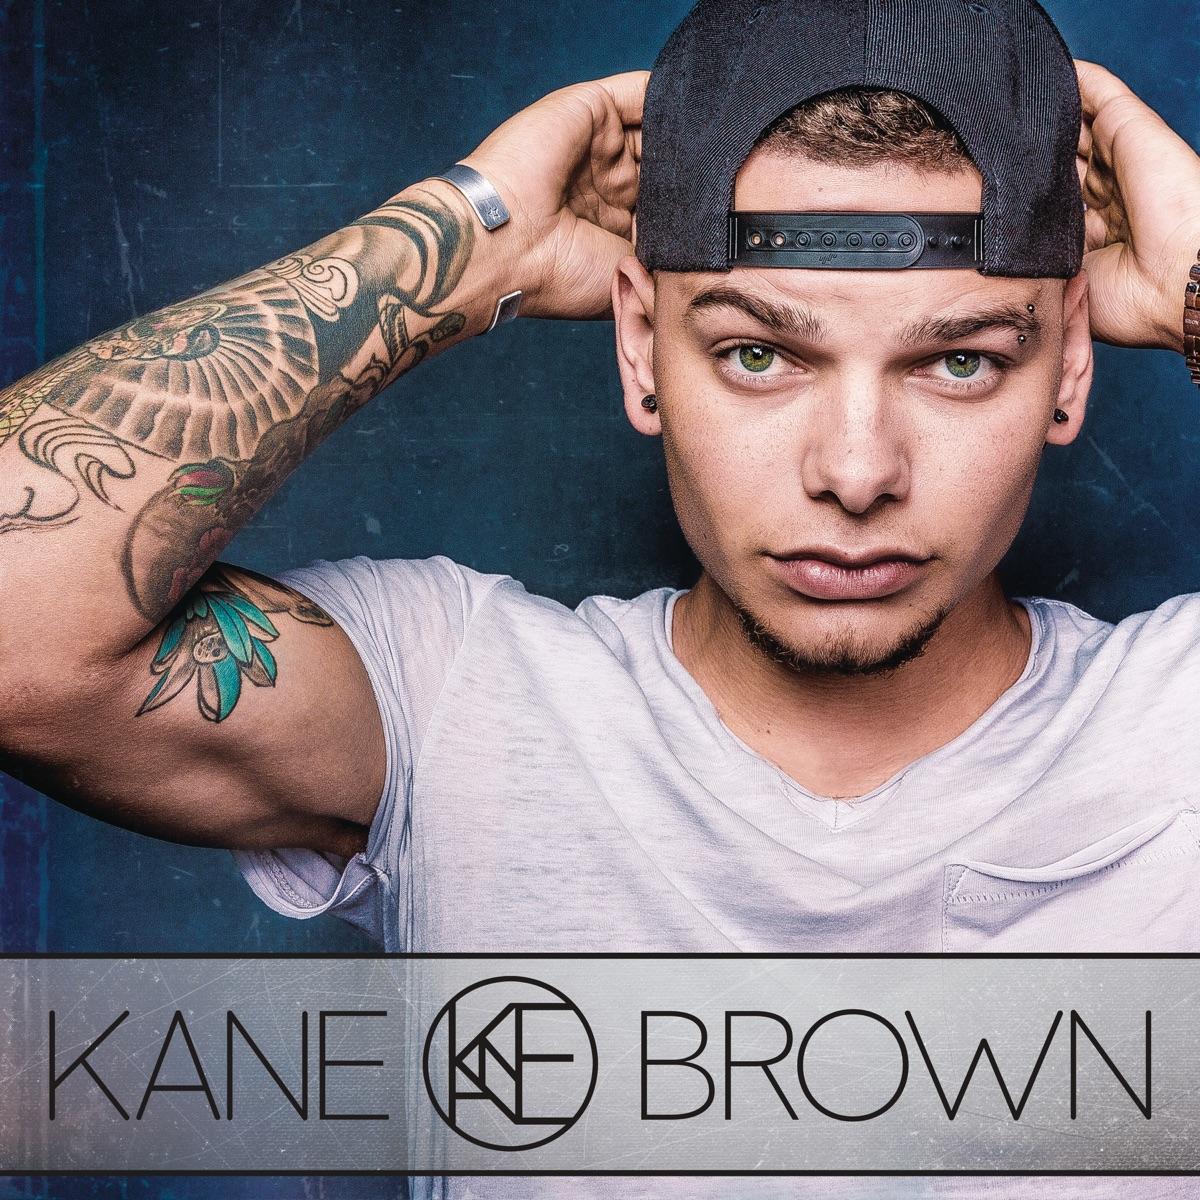 Kane Brown Kane Brown CD cover